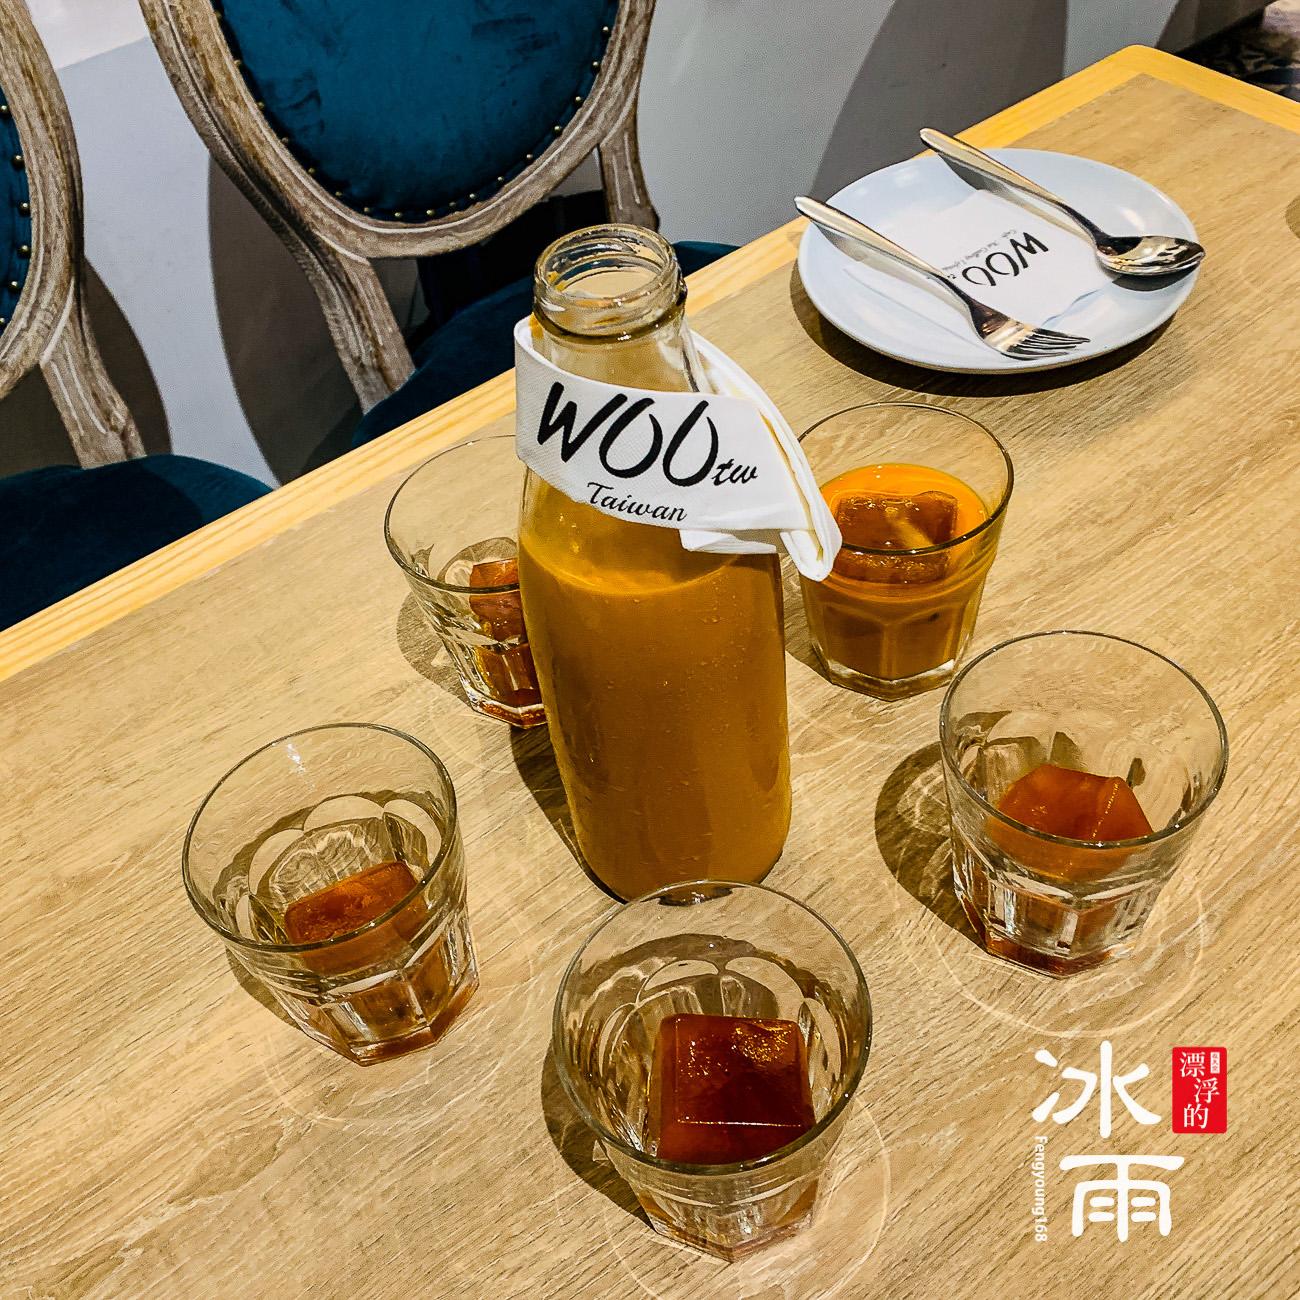 泰式拉茶是去清邁必吃的拉茶,獨特的風味是所有去泰國的人都會嚐一下的,可惜這道菜到了台灣真是讓人失望啊!